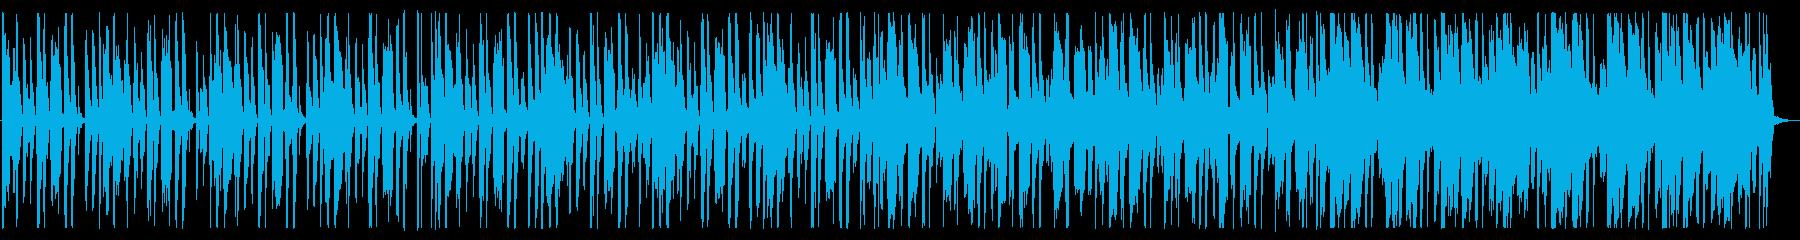 不思議/シンプル/R&B_No469_3の再生済みの波形